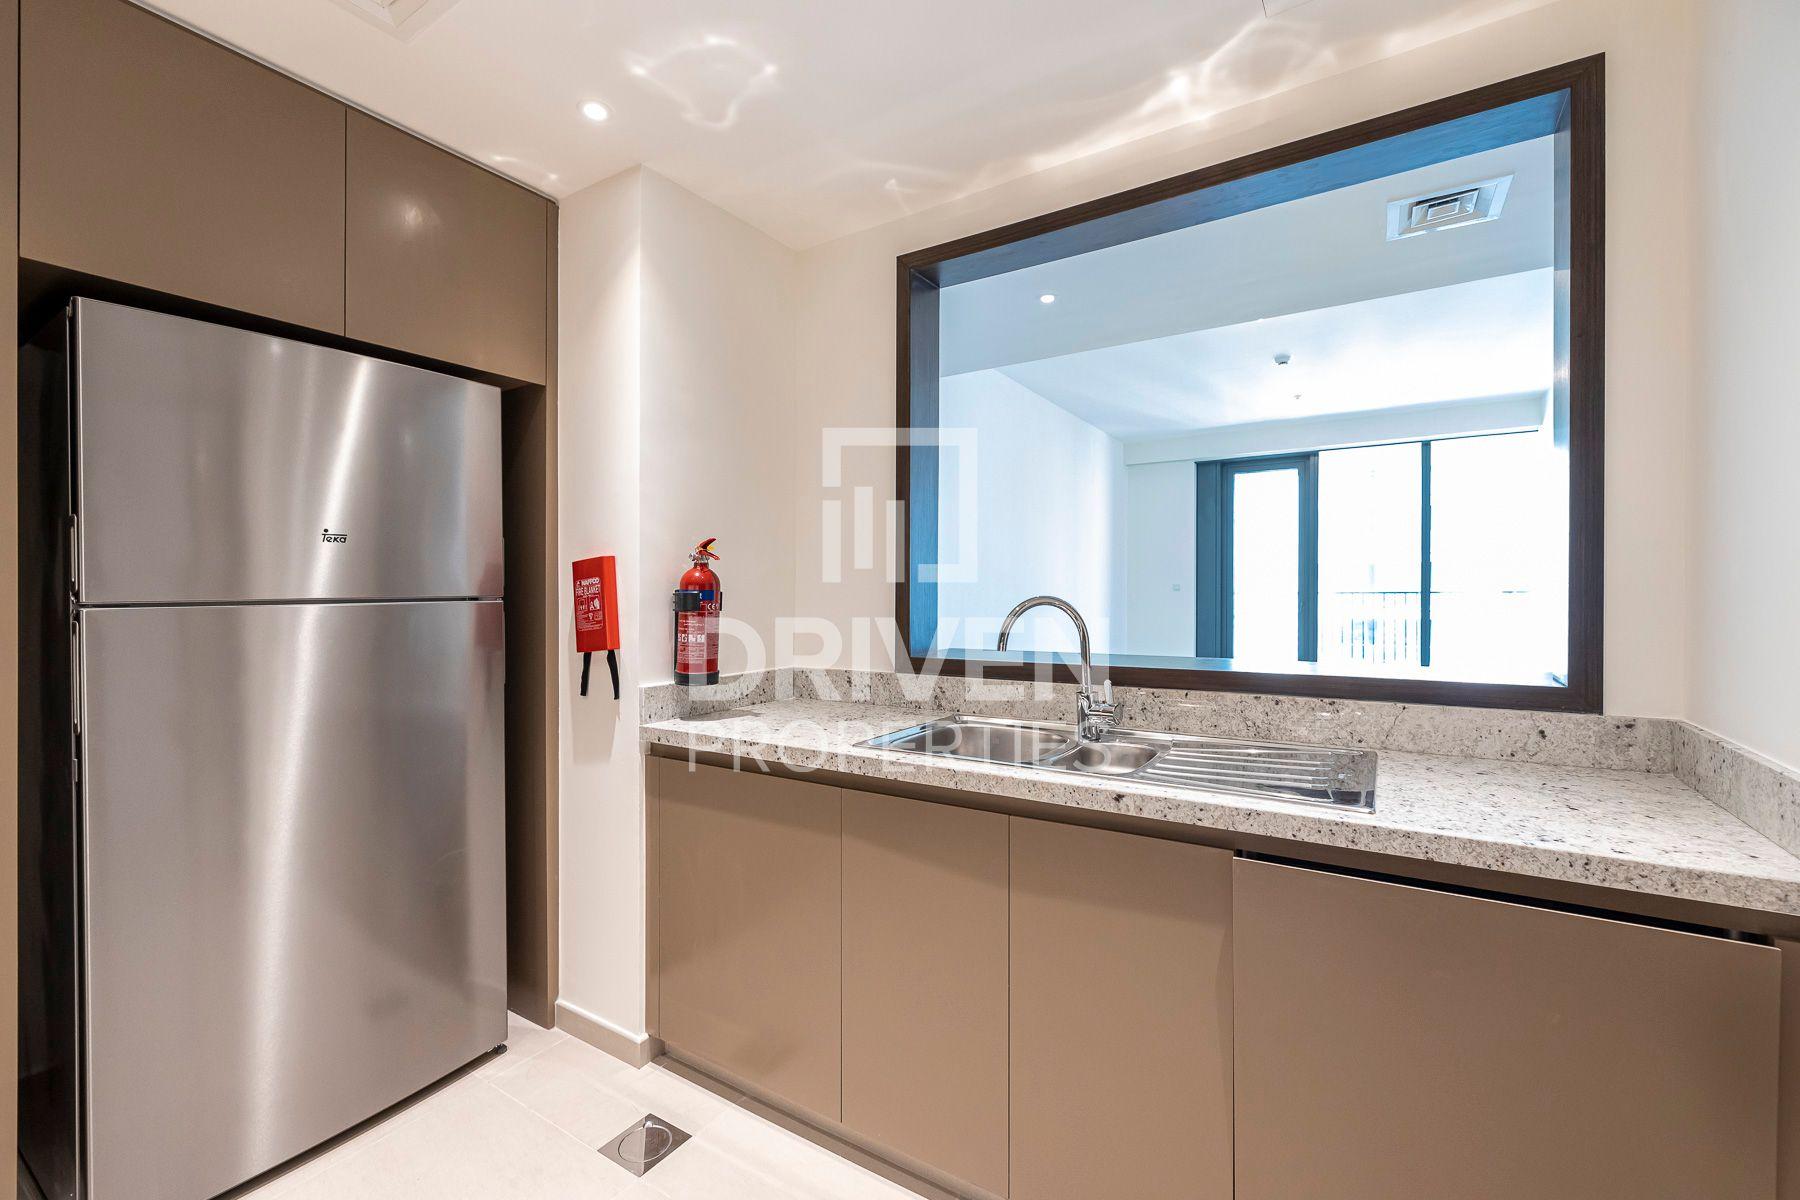 للبيع - شقة - مرتفعات بوليفارد برج 2 - دبي وسط المدينة